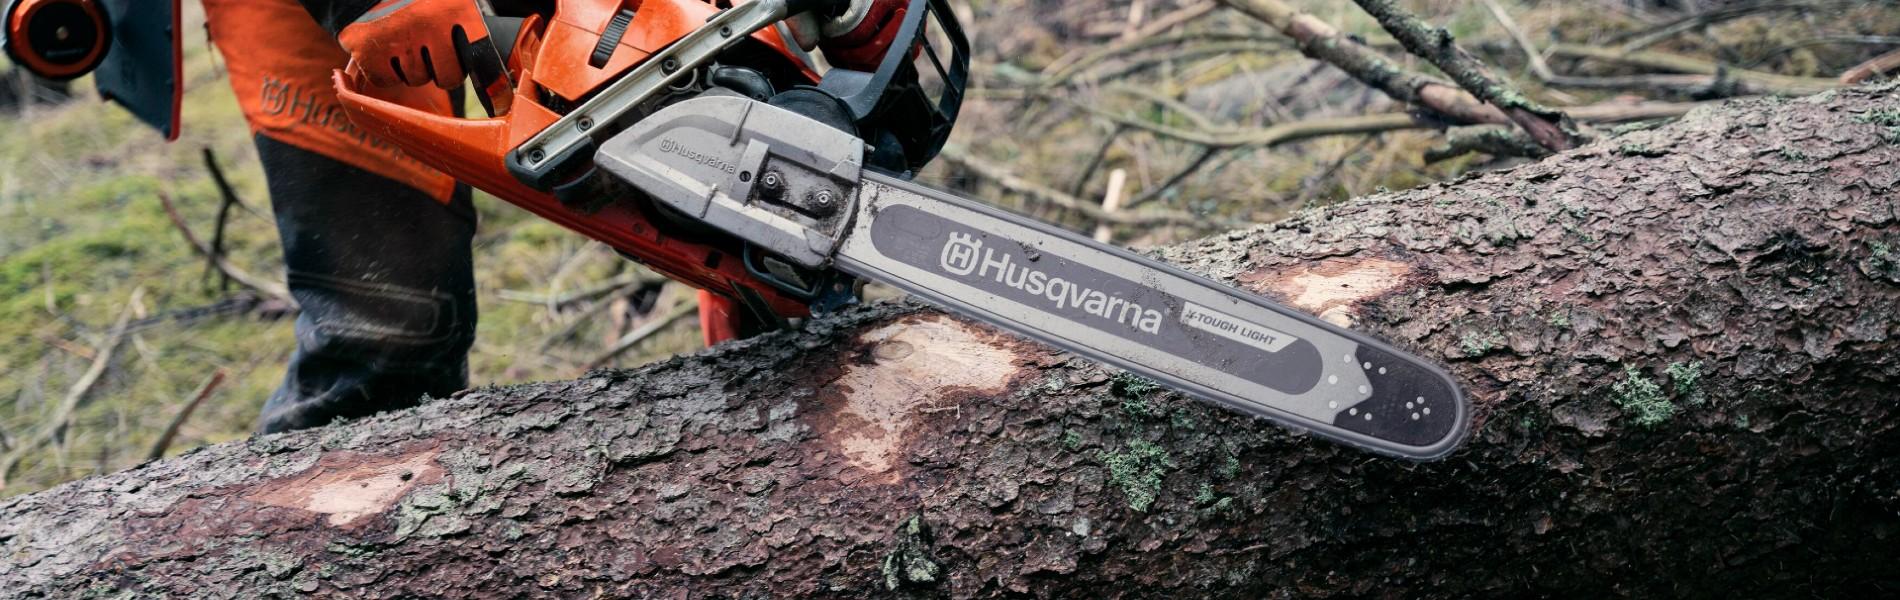 Husqvarna se alían con Tsumura / Suehiro Seiko Co LTD para desarrollar su próxima generación de espadas de motosierra